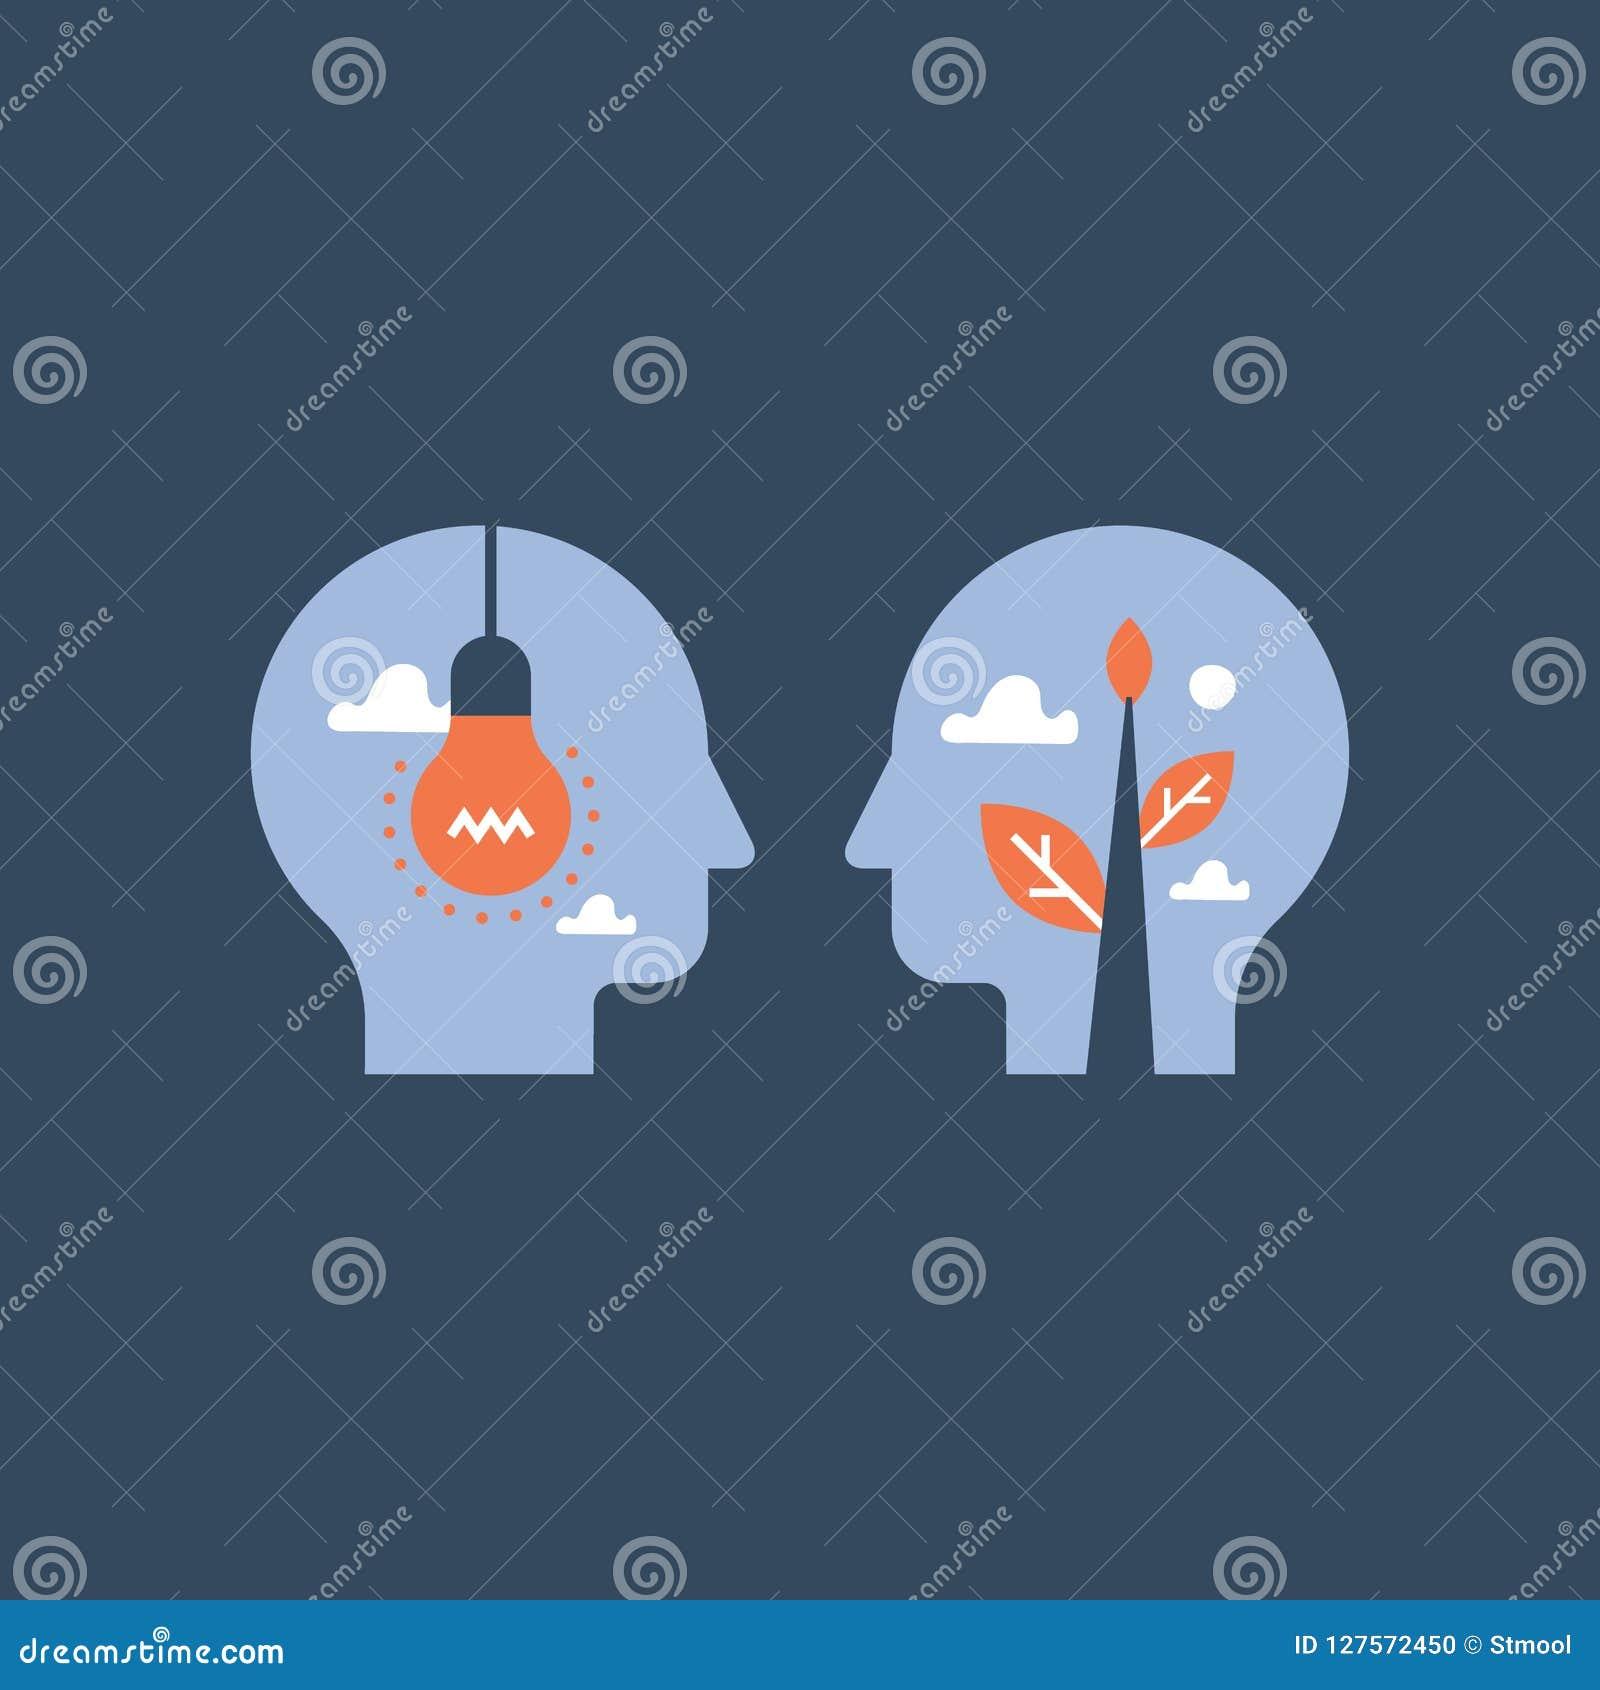 Empatia e comunicação, conceito do mentorship, negociação e persuasão, terreno comum, inteligência emocional